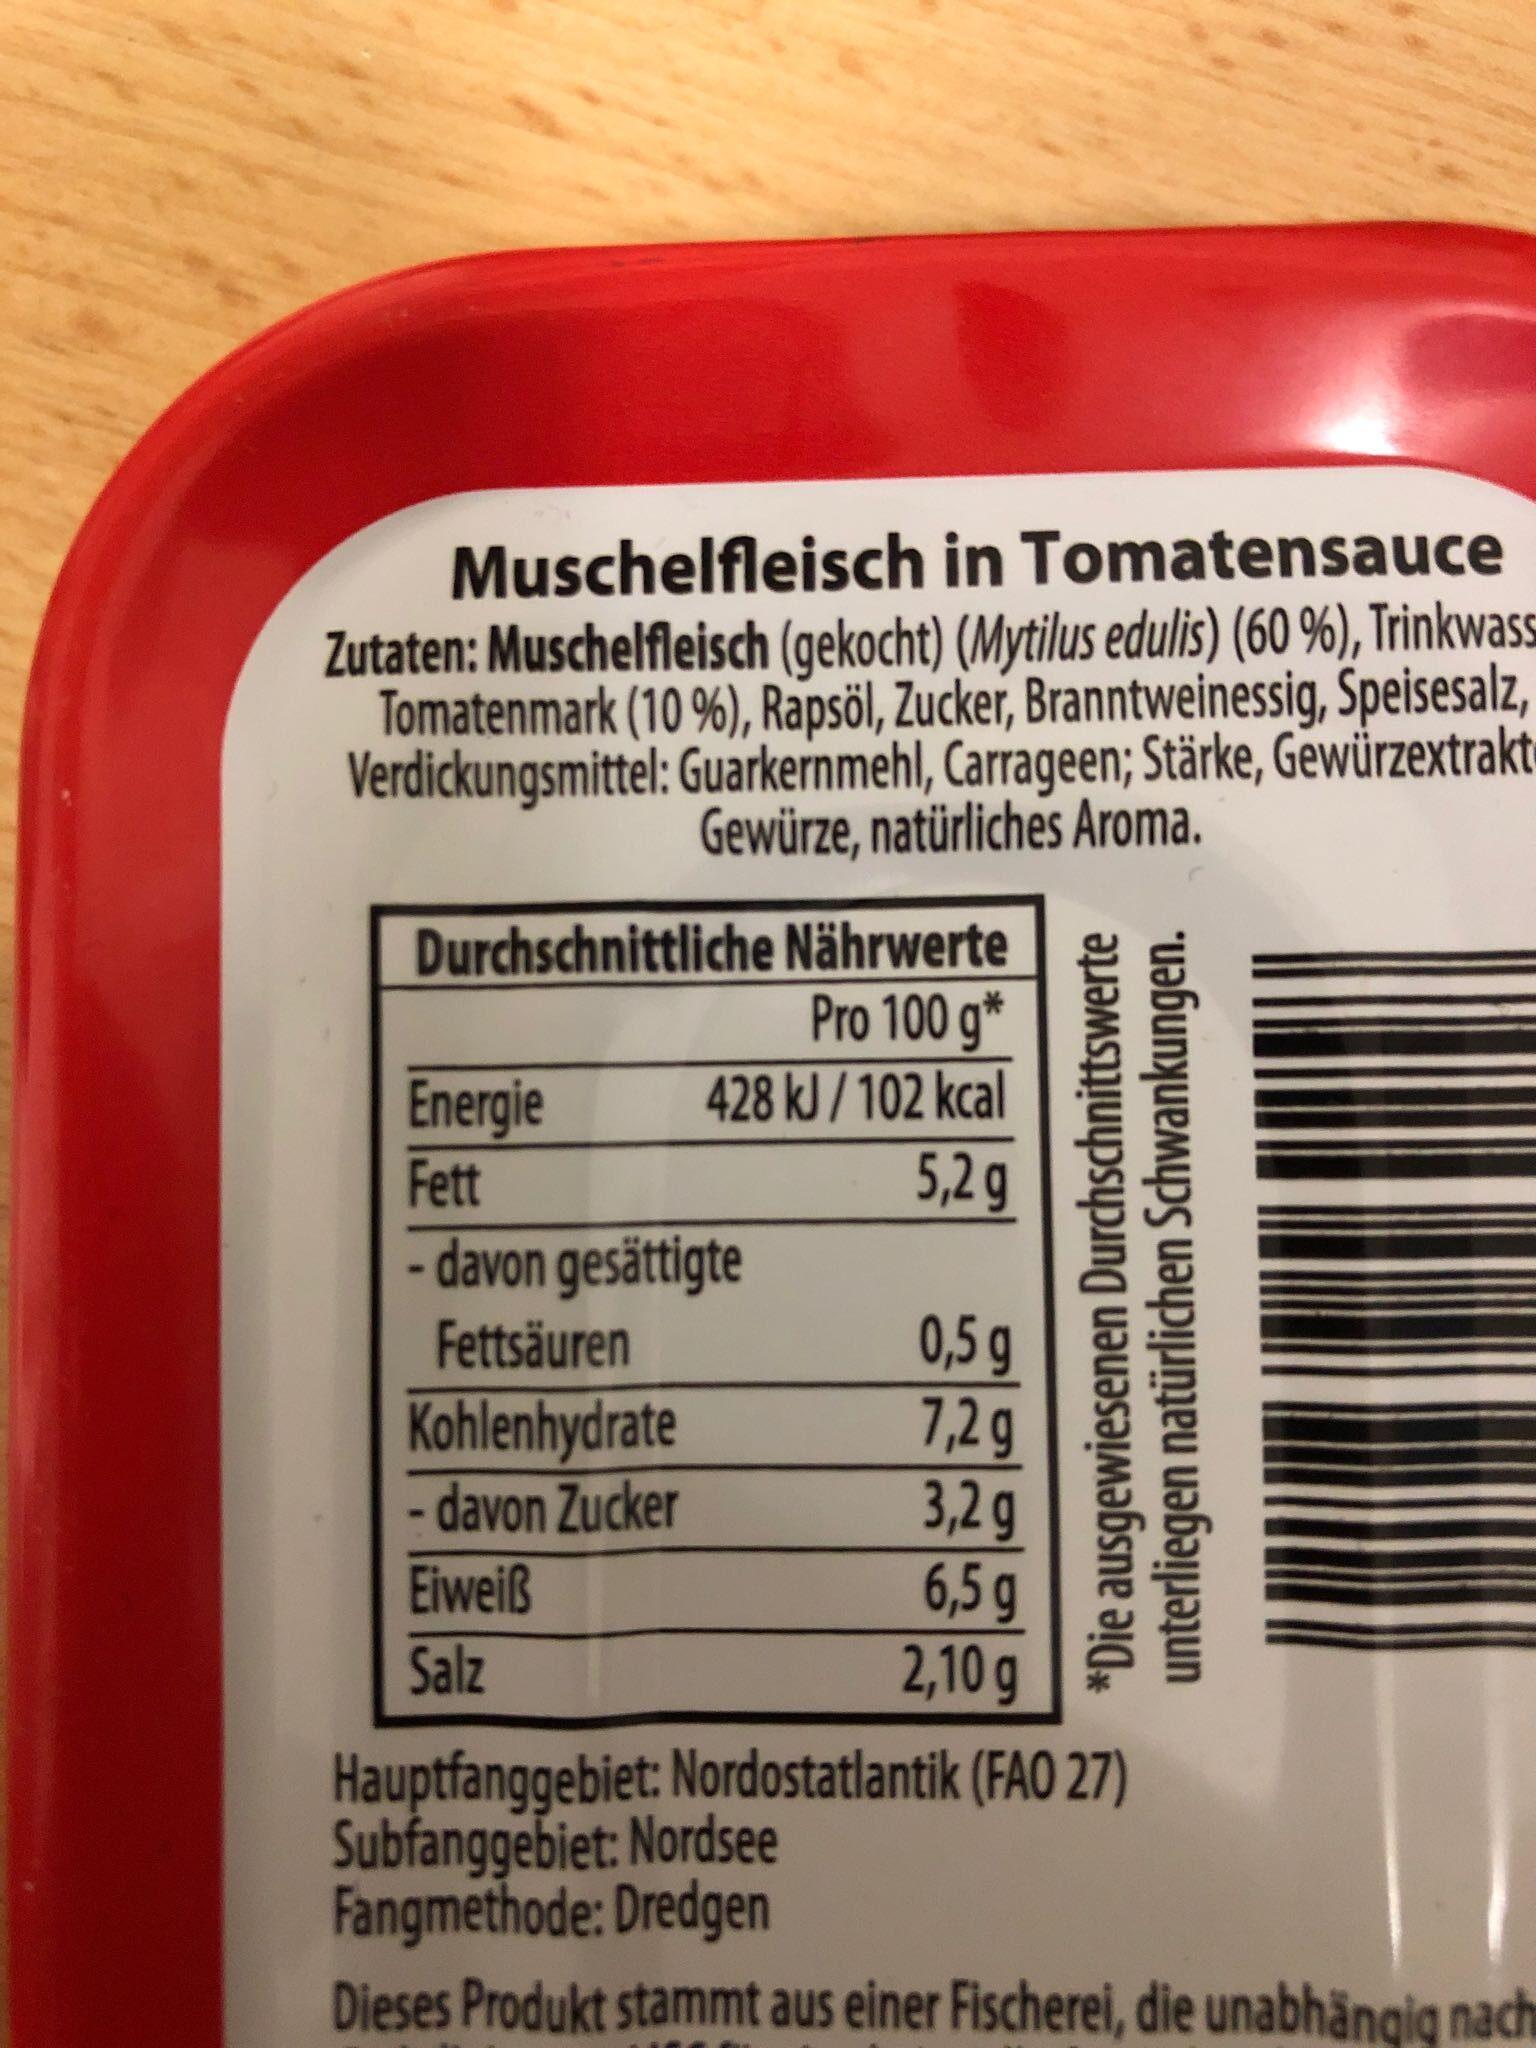 Muscheln in tomatensauce - Nährwertangaben - de